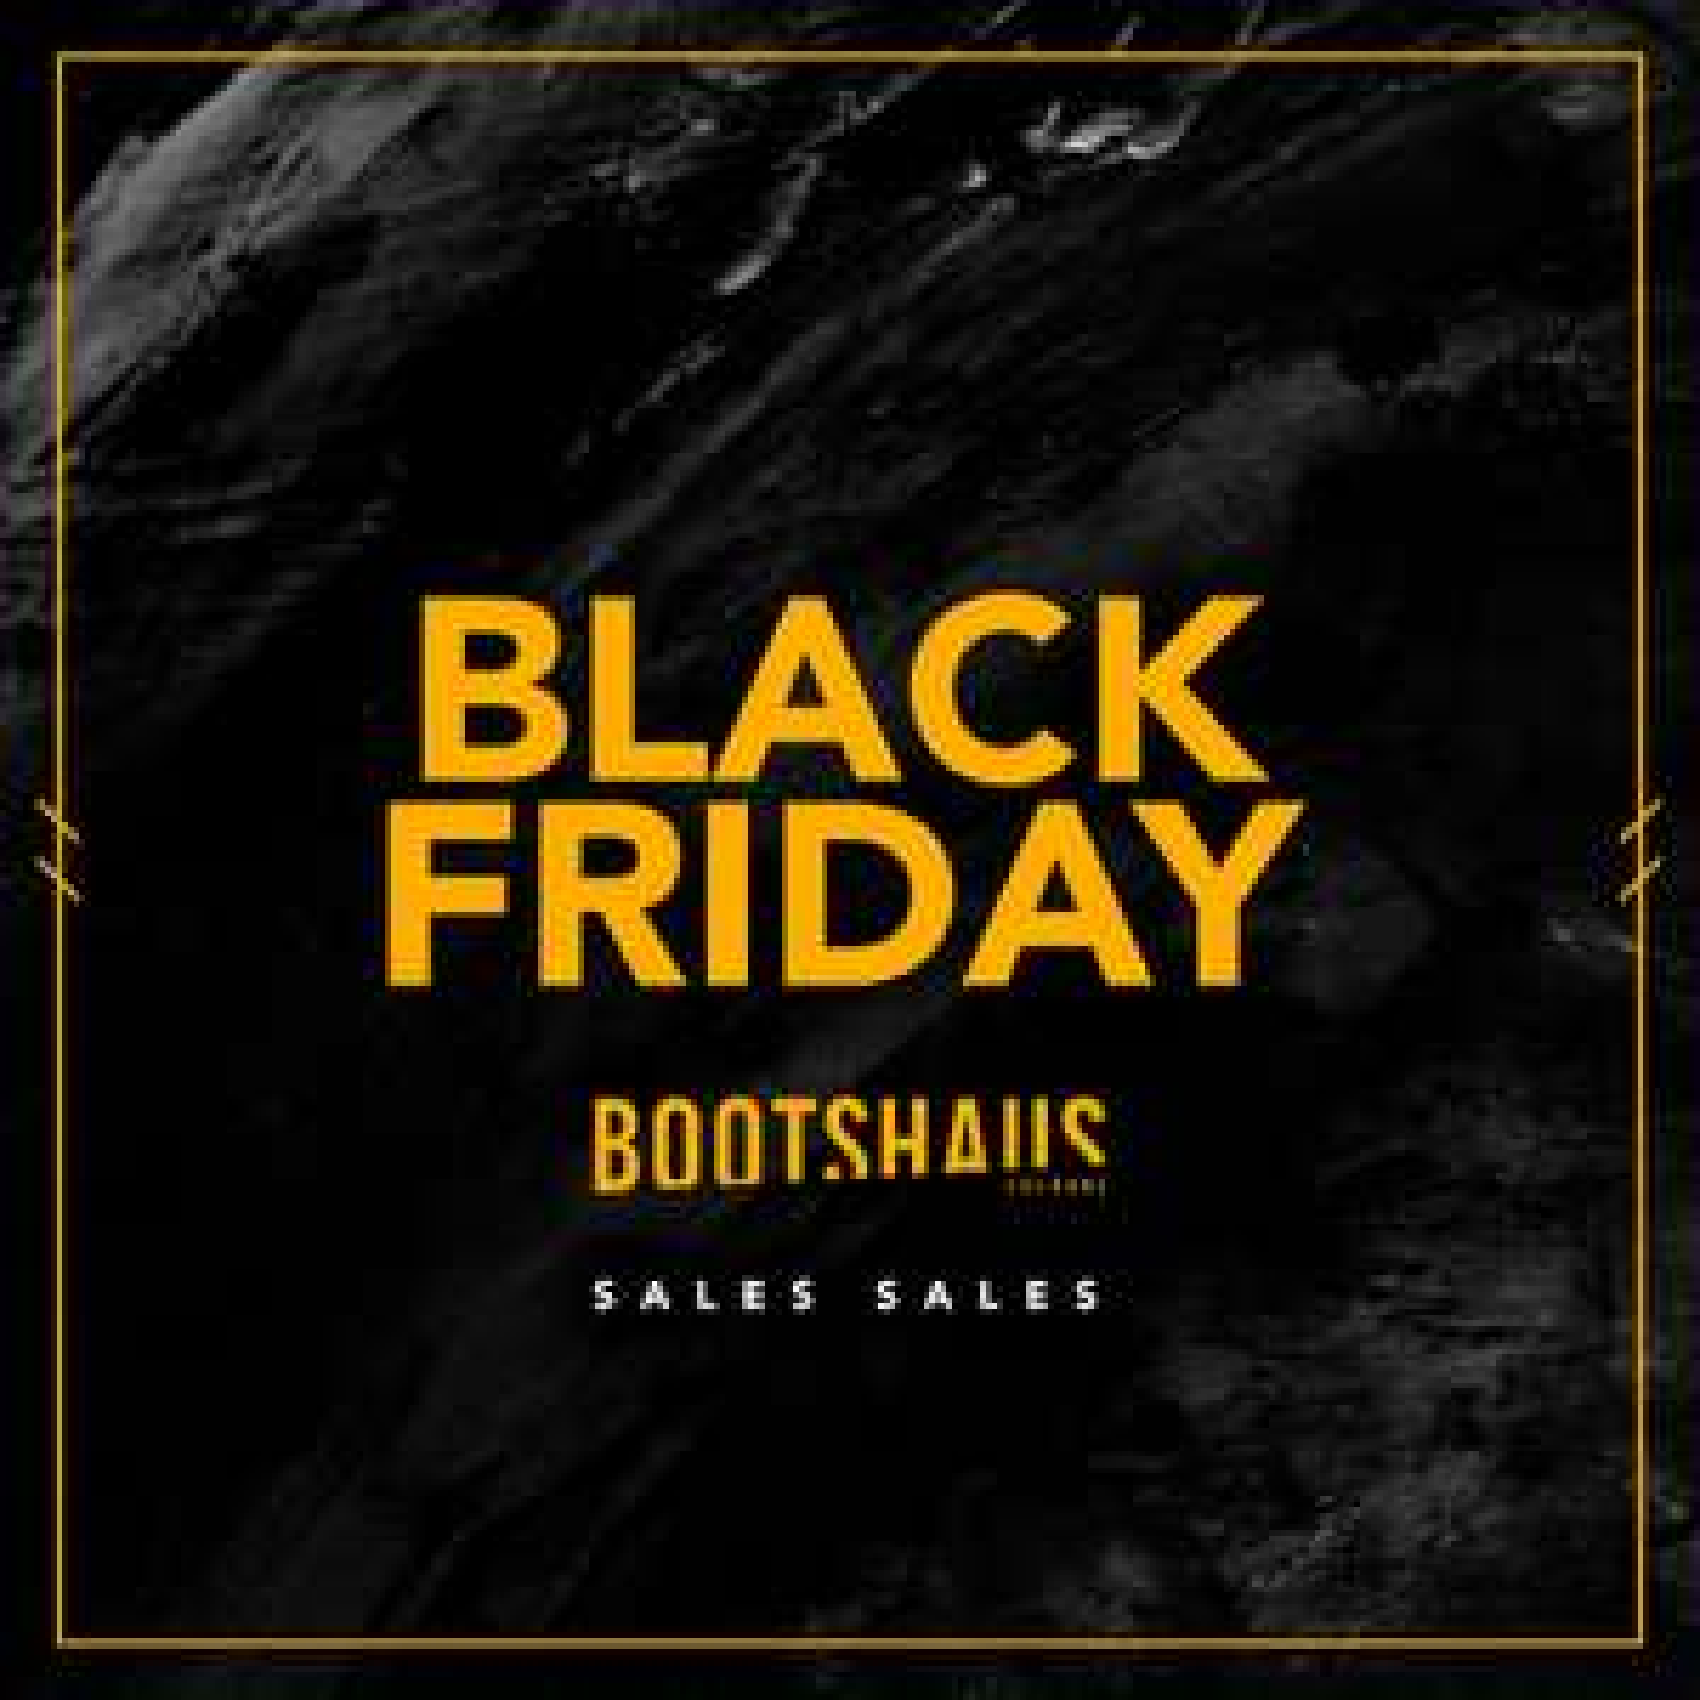 Bis zu 60% Rabatt - Bootshaus (Club) Merchandise